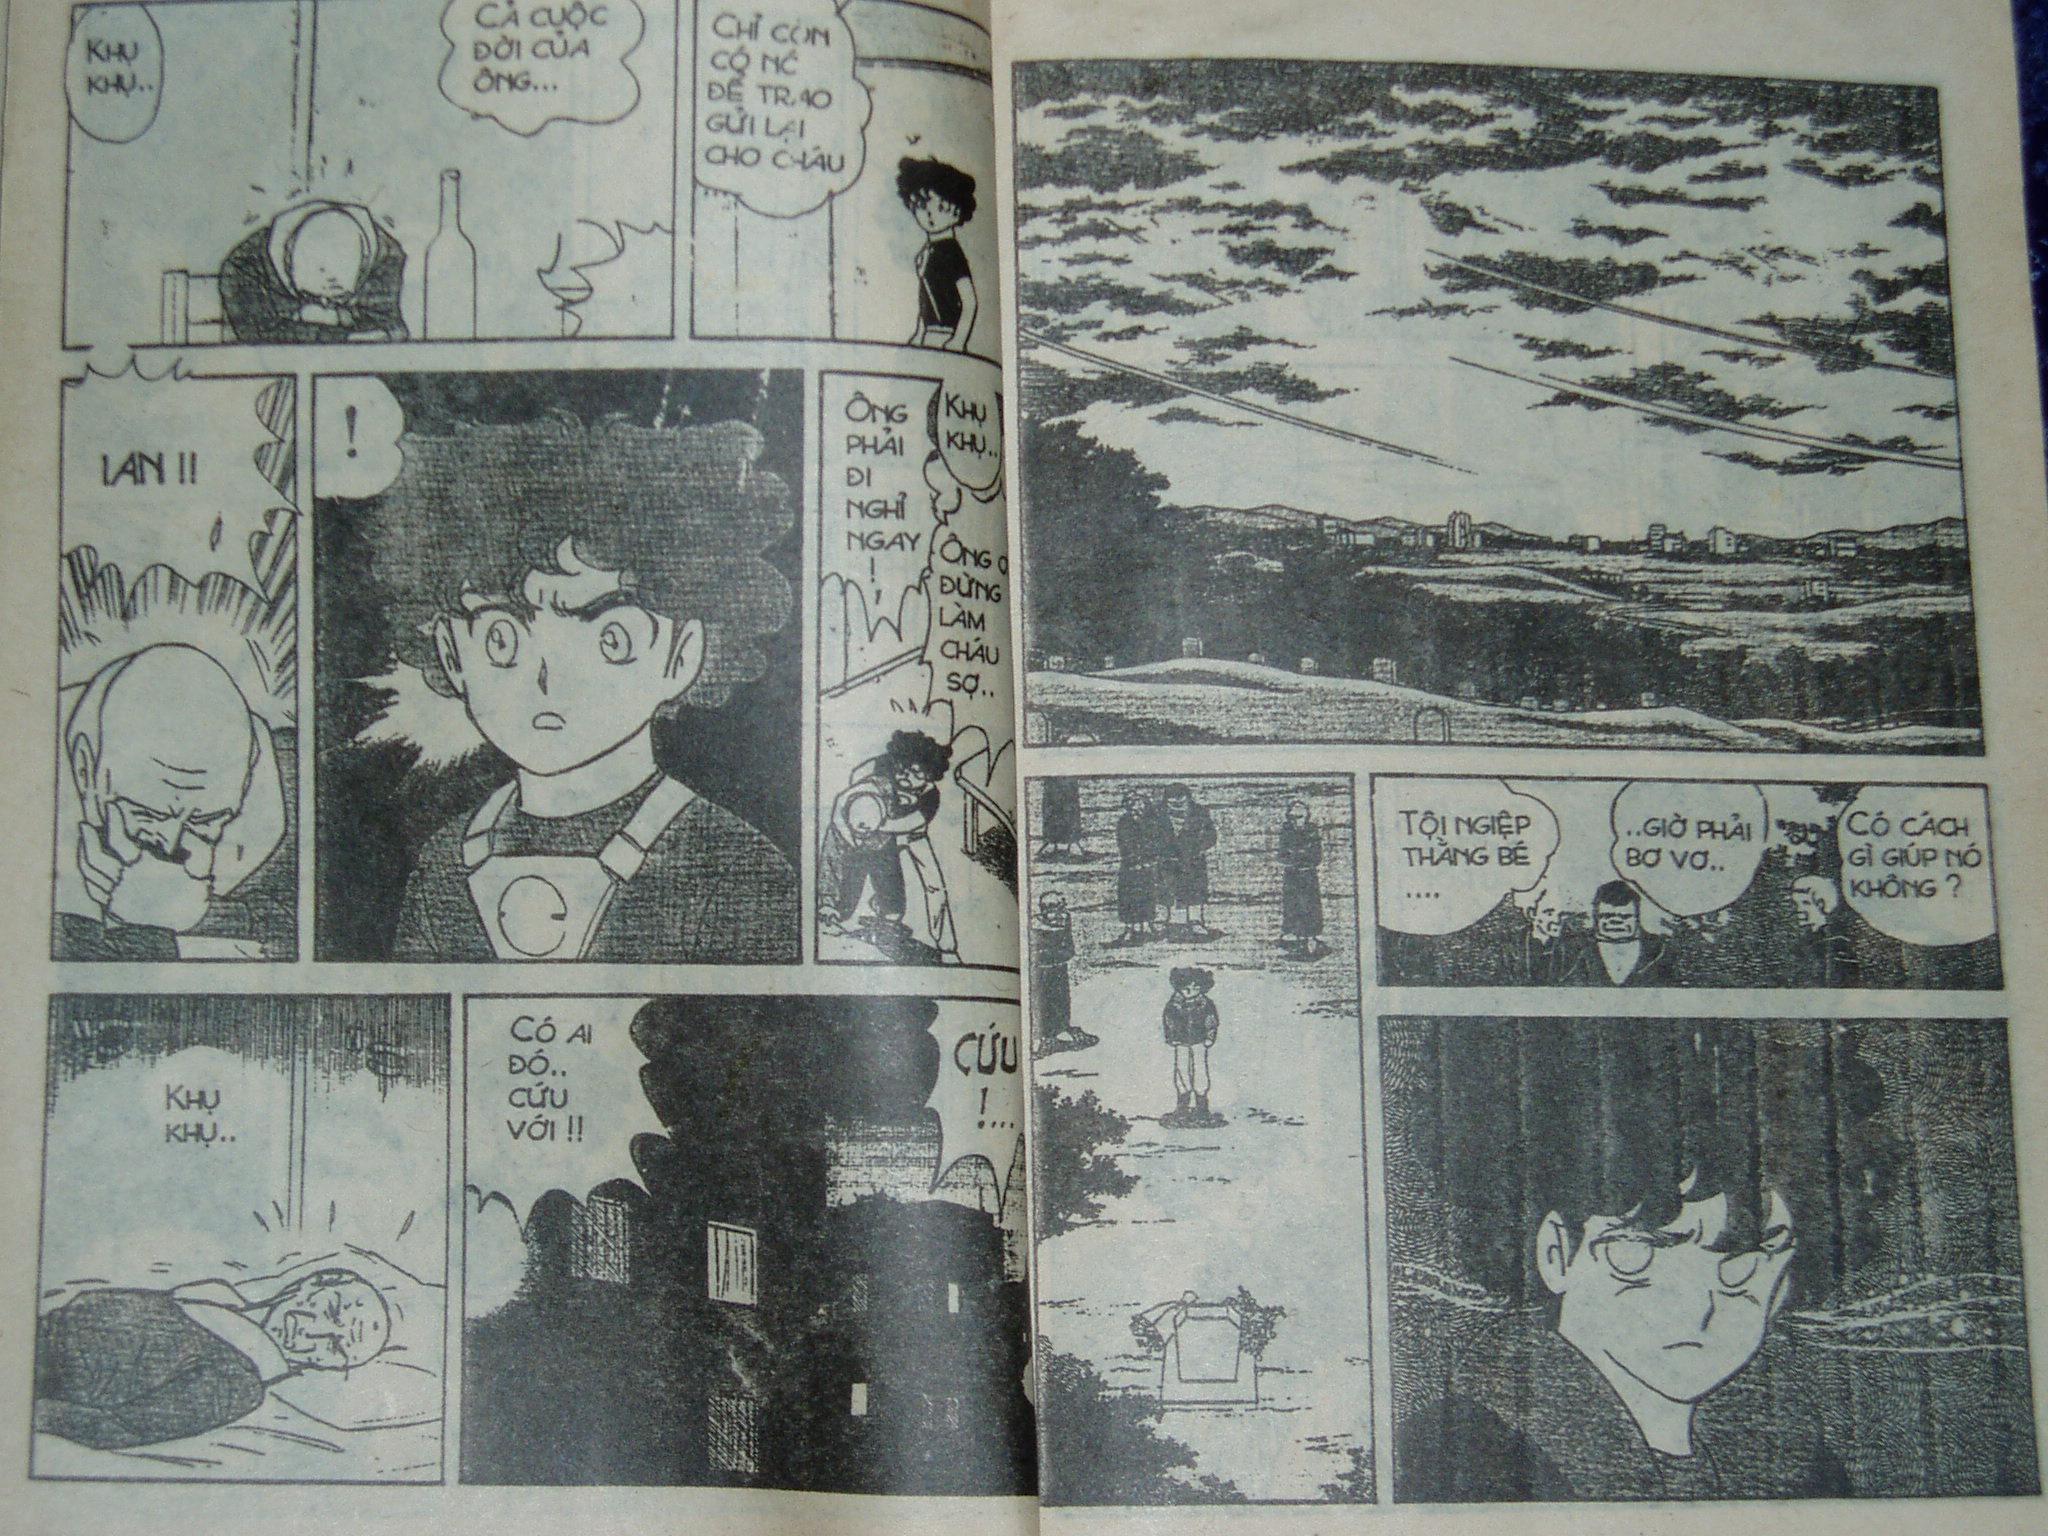 Siêu nhân Locke vol 14 trang 15